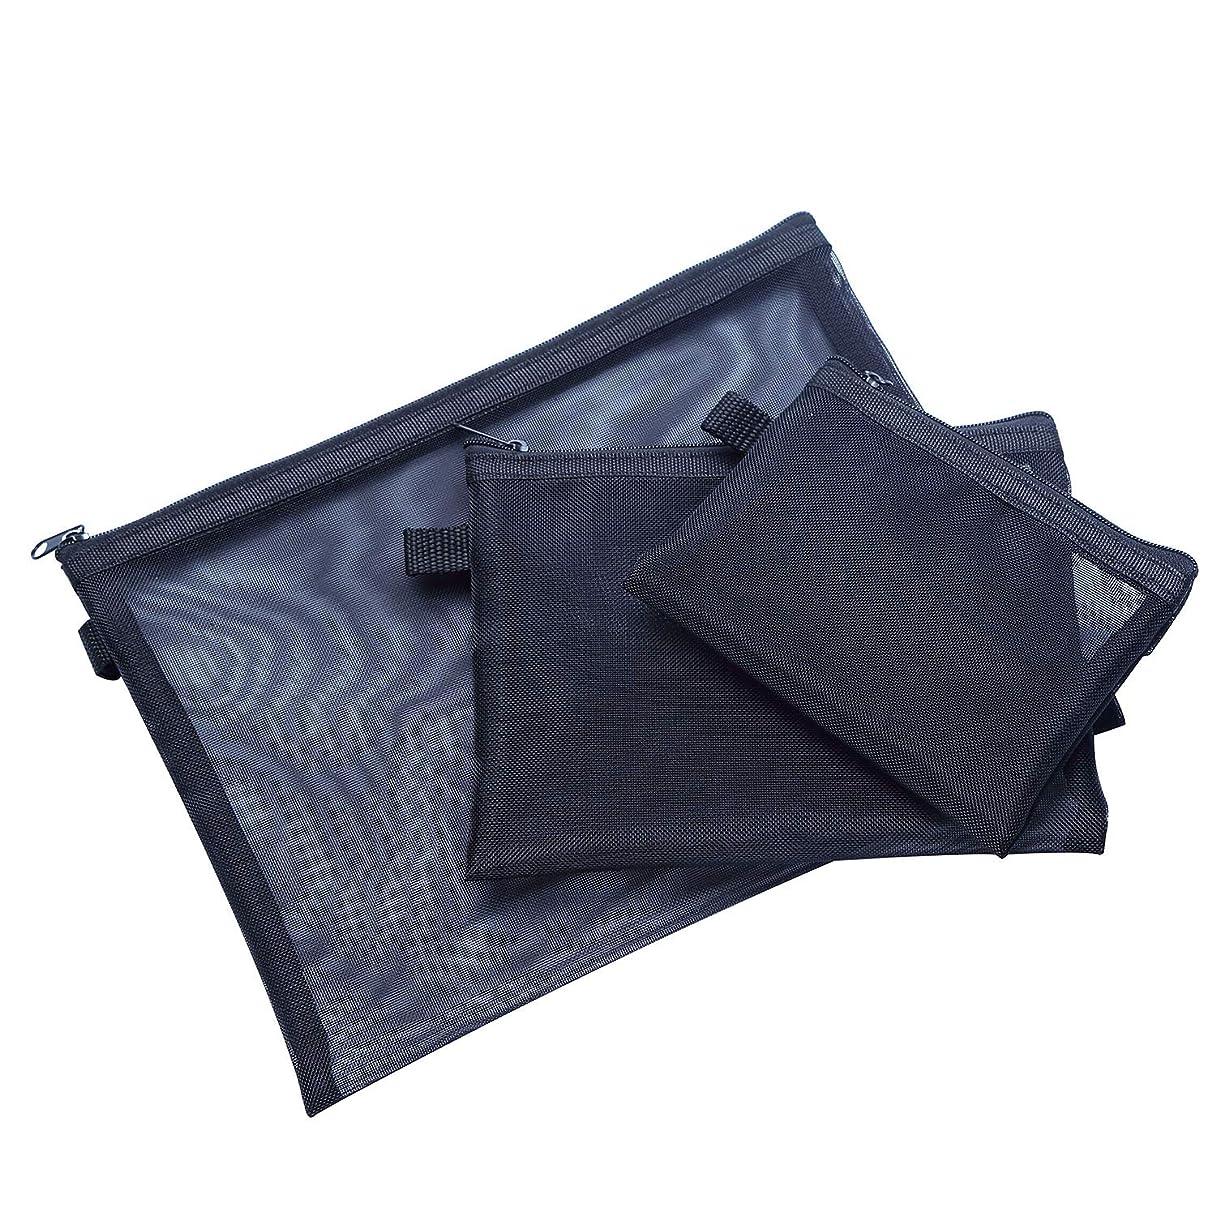 有効主張するバクテリアHOYOFO メッシュケース 化粧ポーチ 収納 小物入れ 多機能 3点セット 黒